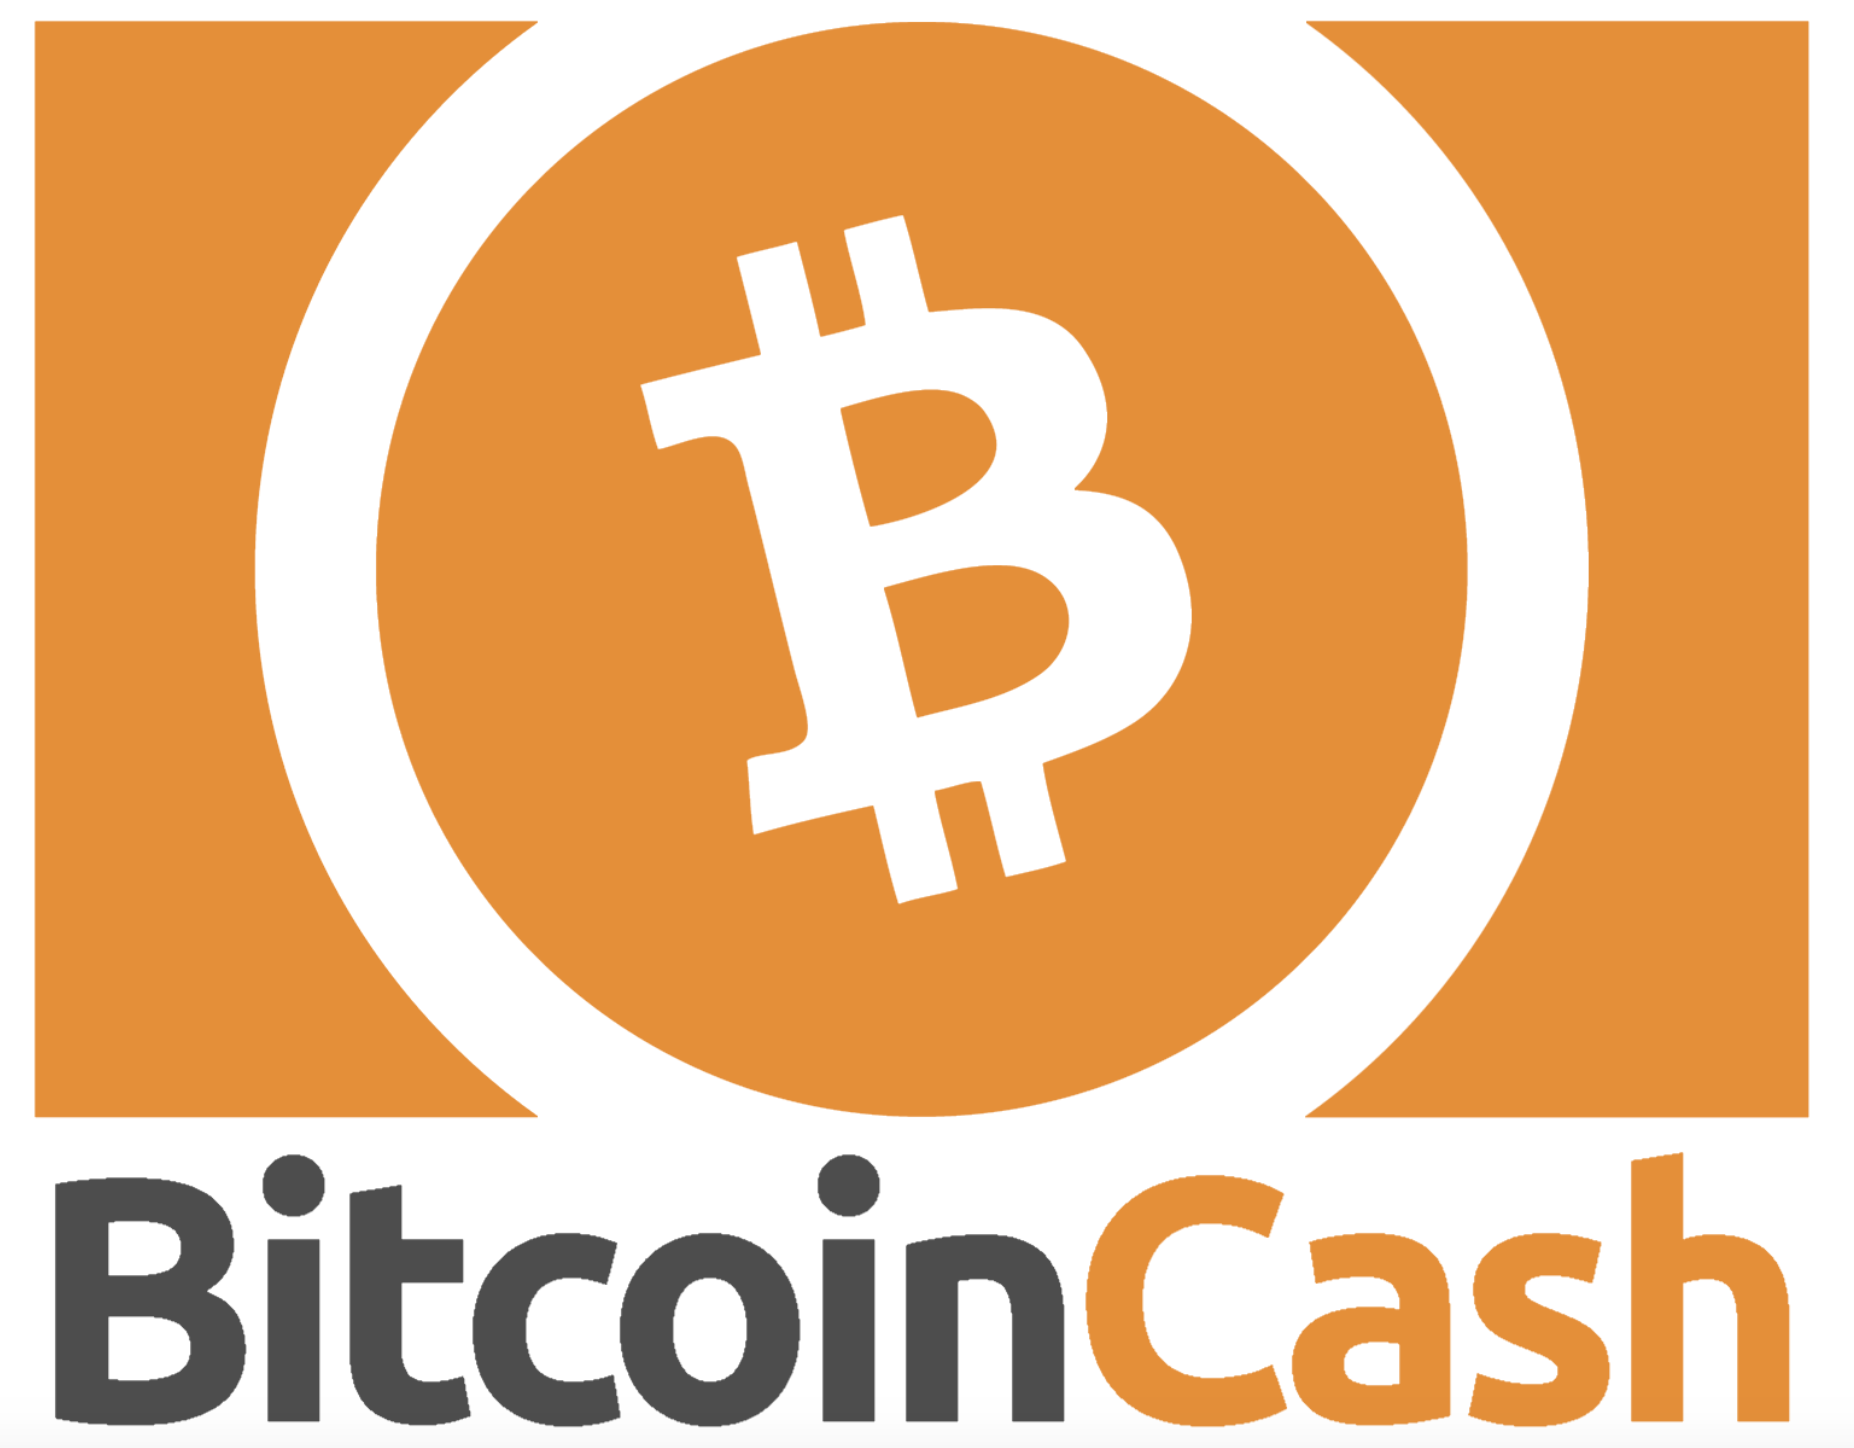 ビットコインキャッシュ(BCH)のロゴ